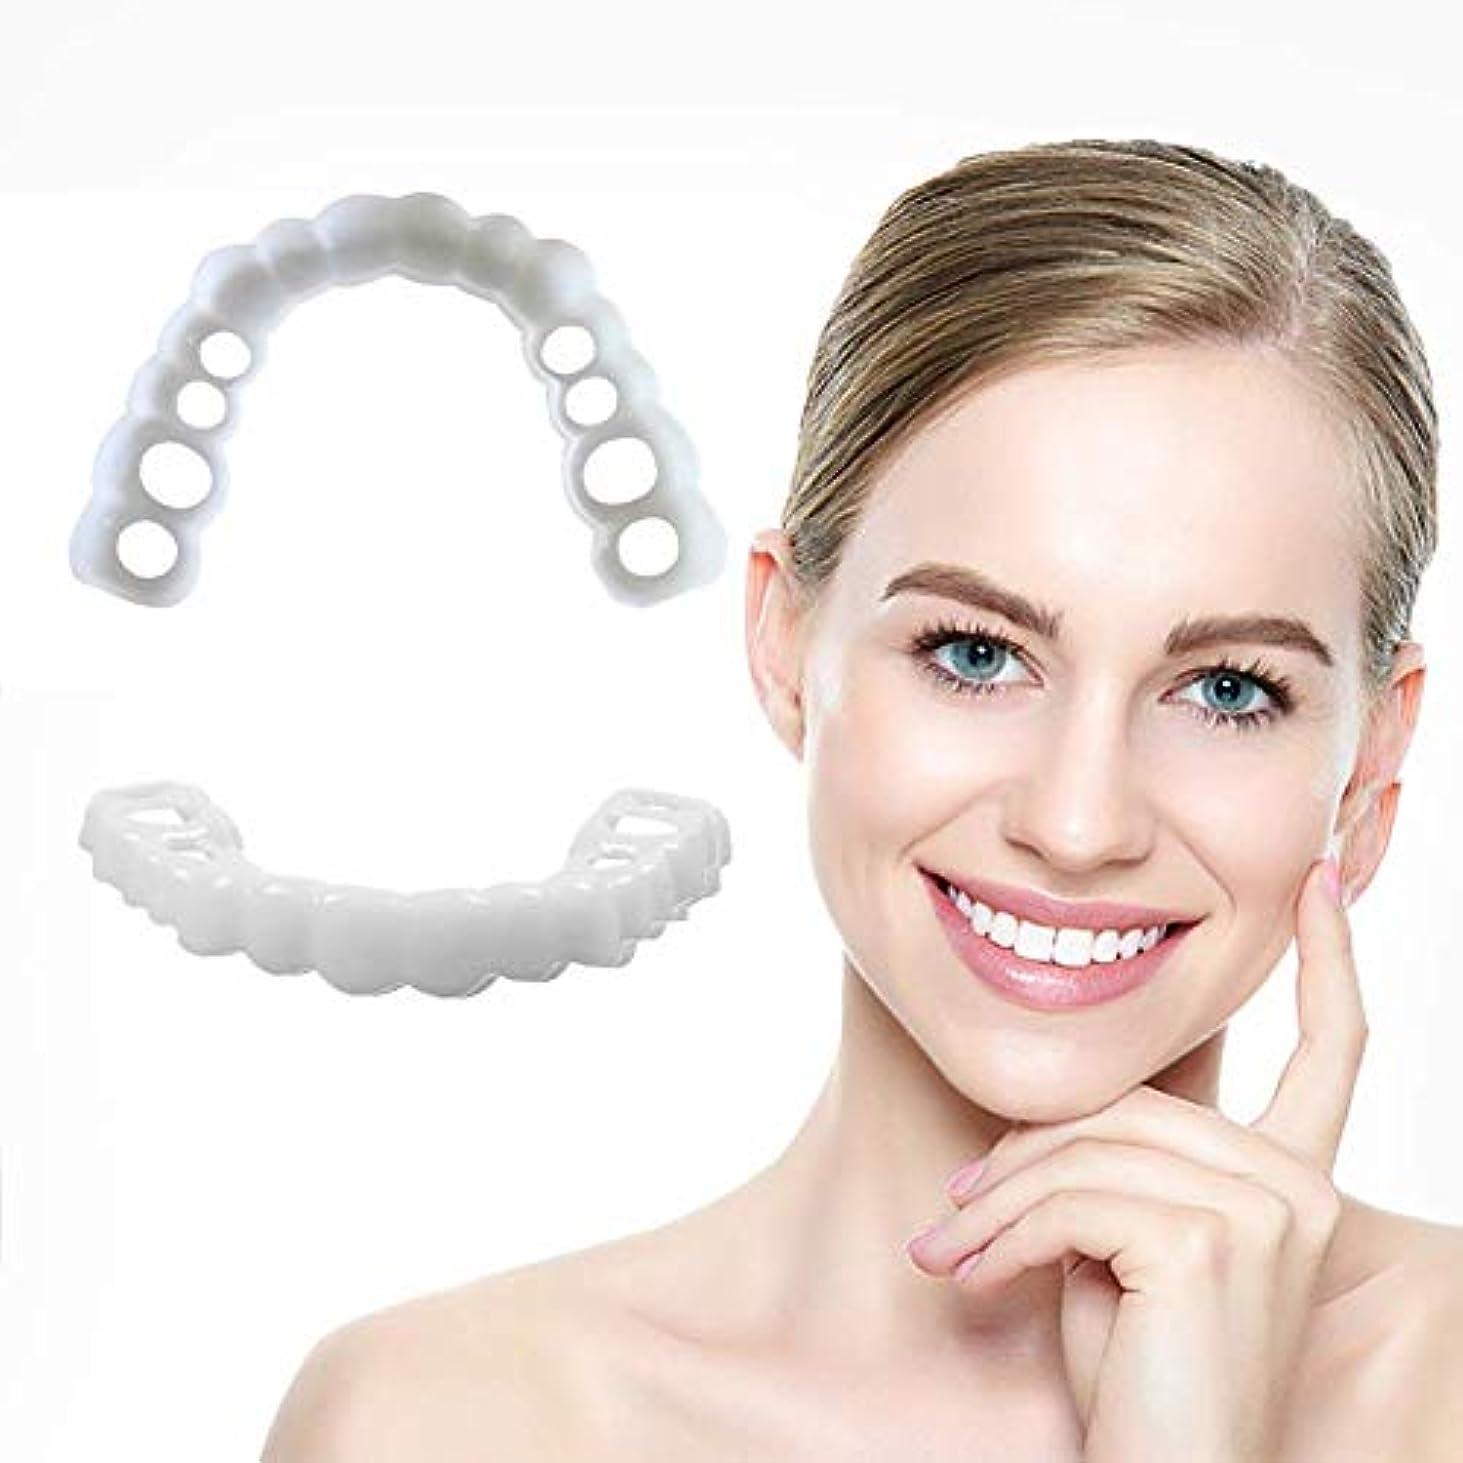 雪だるまを作るシリングスカルク上歯下歯シミュレーションブレースホワイトニングセット第2世代シリカゲルシミュレーション歯義歯,1Set